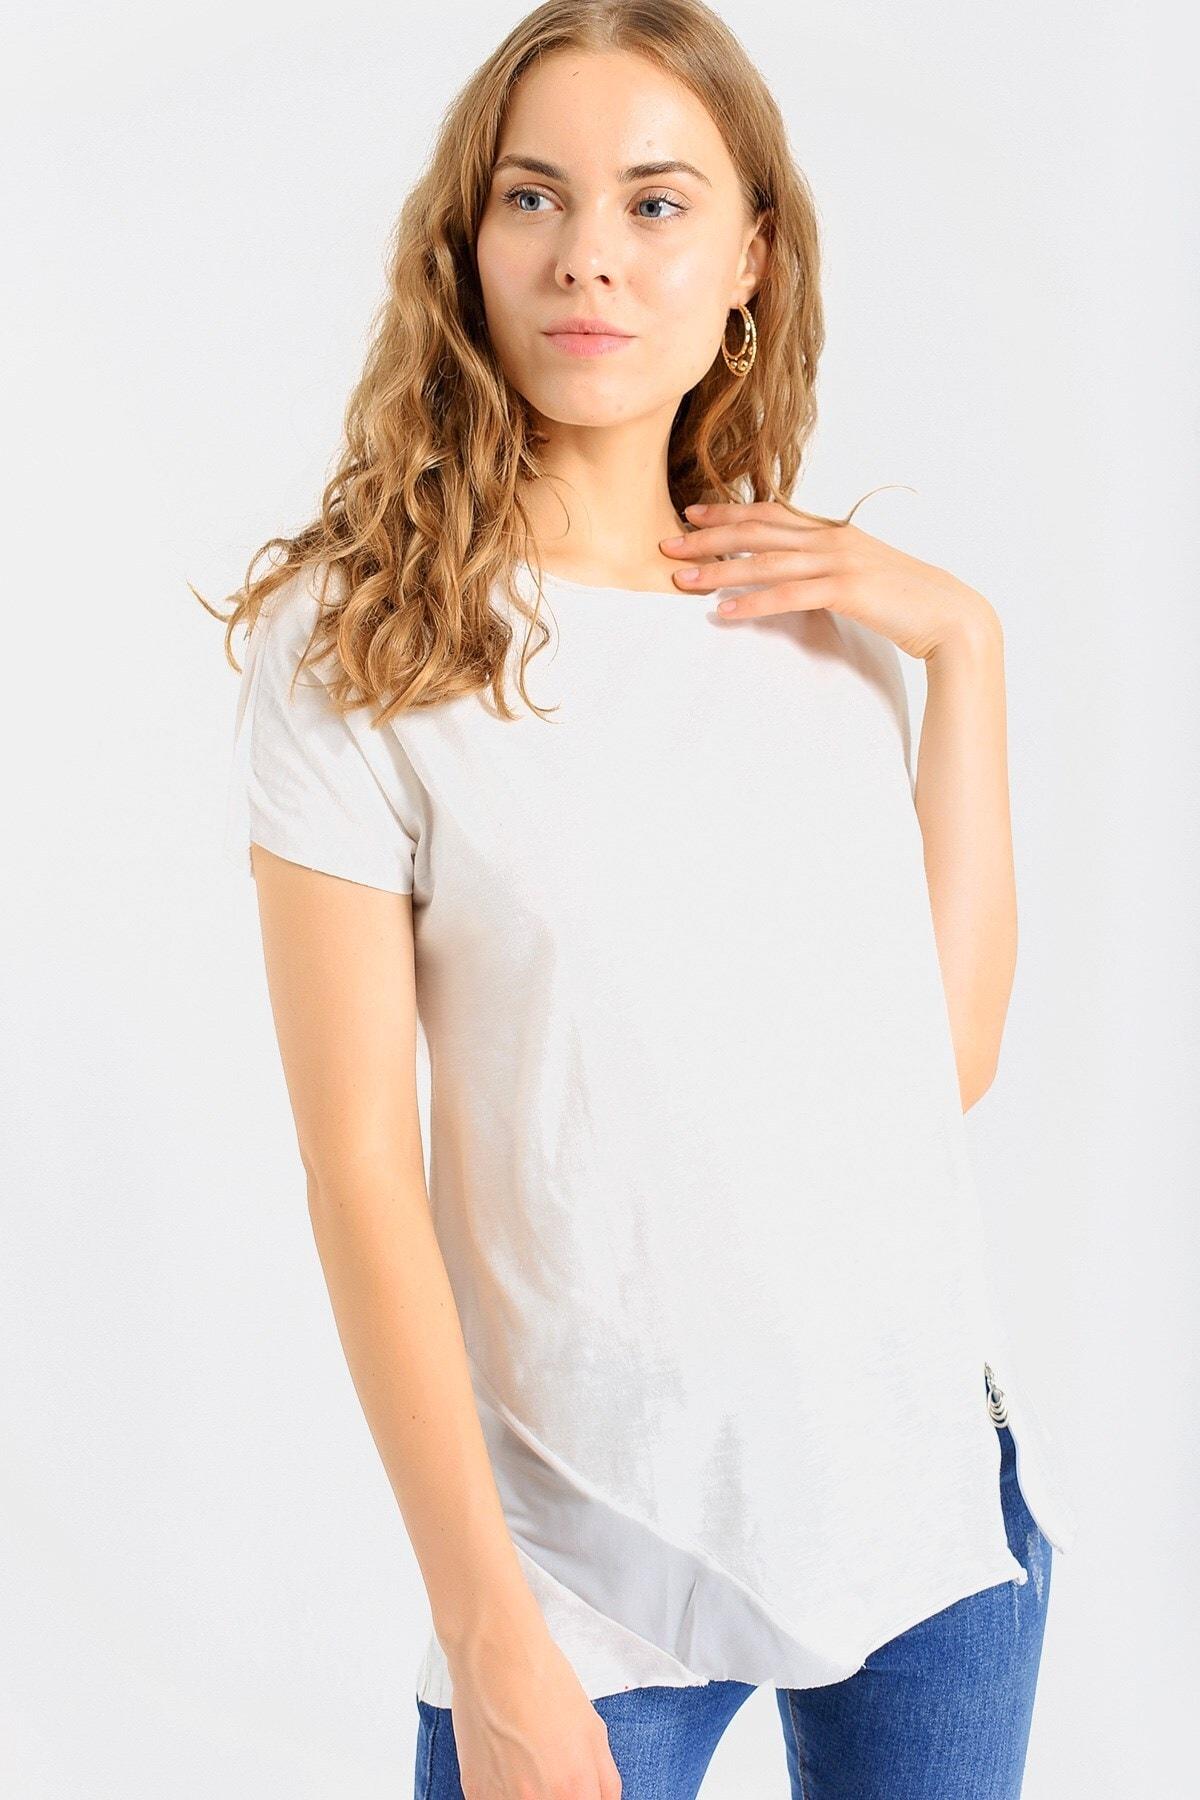 Jument Kadın Krem Kadın Pamuklu Fermuar Detaylı Bluz Tshirt-Krem 7095